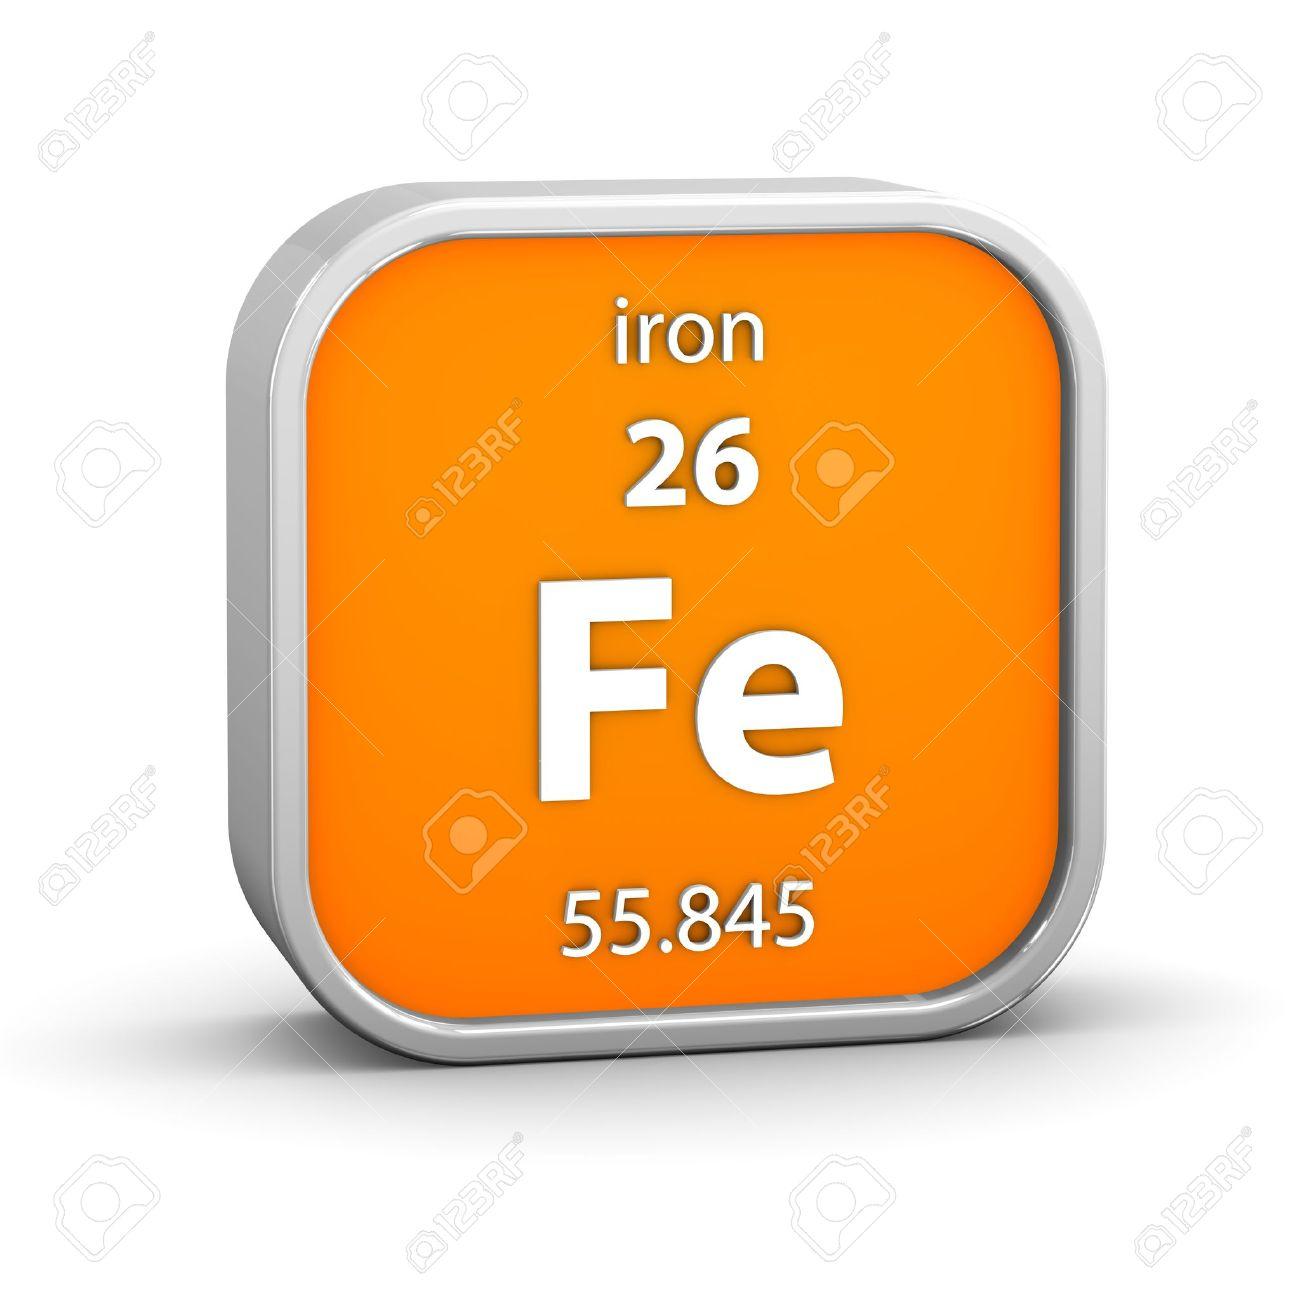 foto de archivo hierro material en la tabla peridica parte de una serie - Tabla Periodica De Los Elementos Hierro